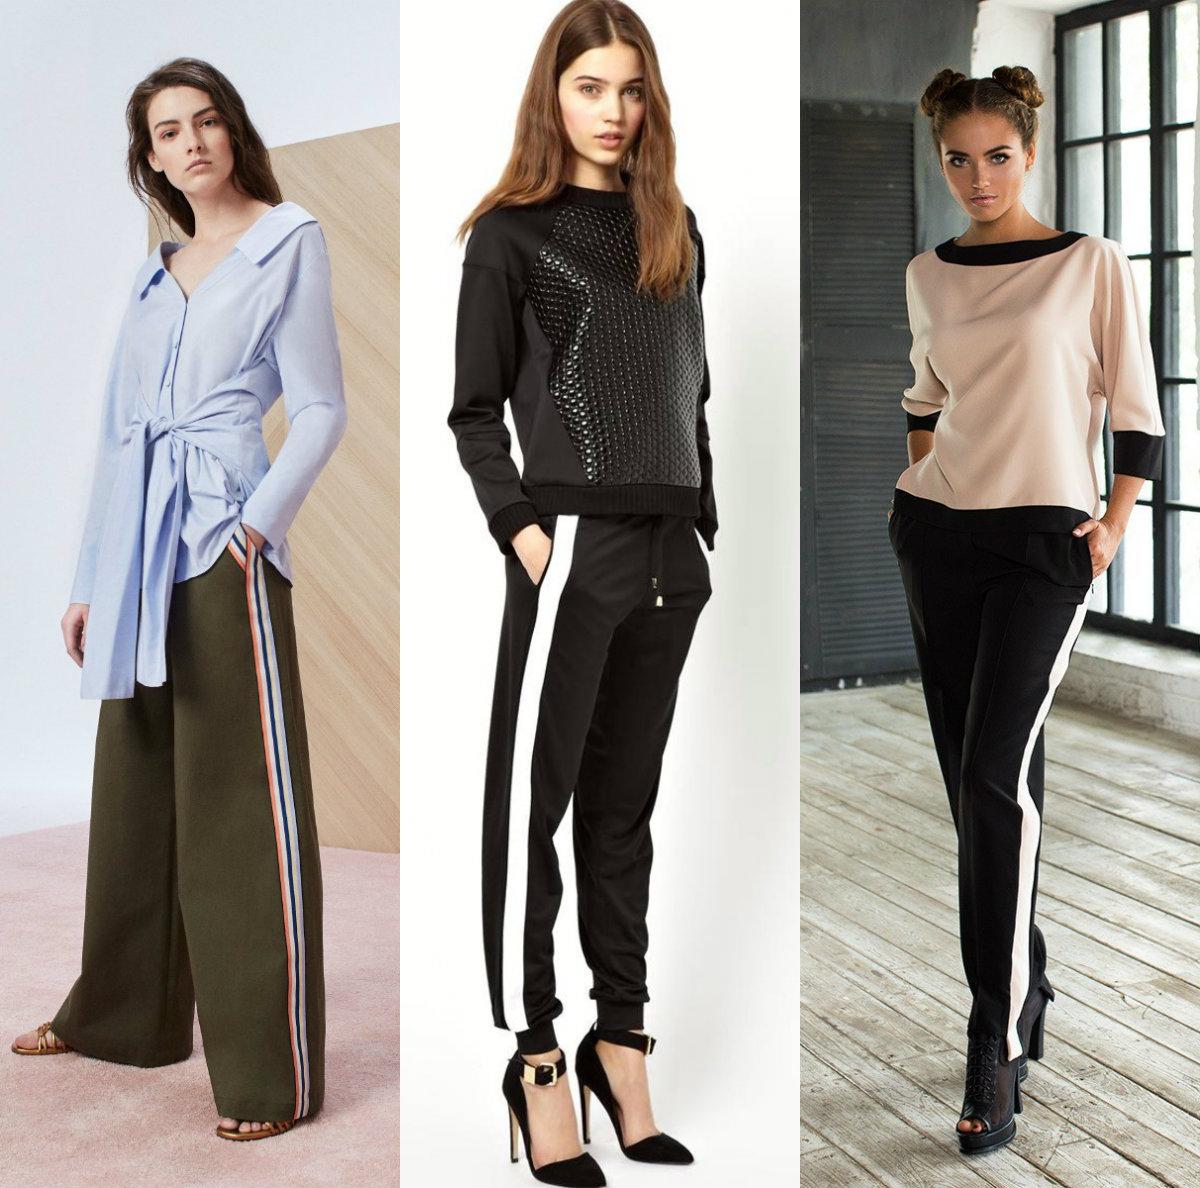 брюки женские 2019: модели с лампасами